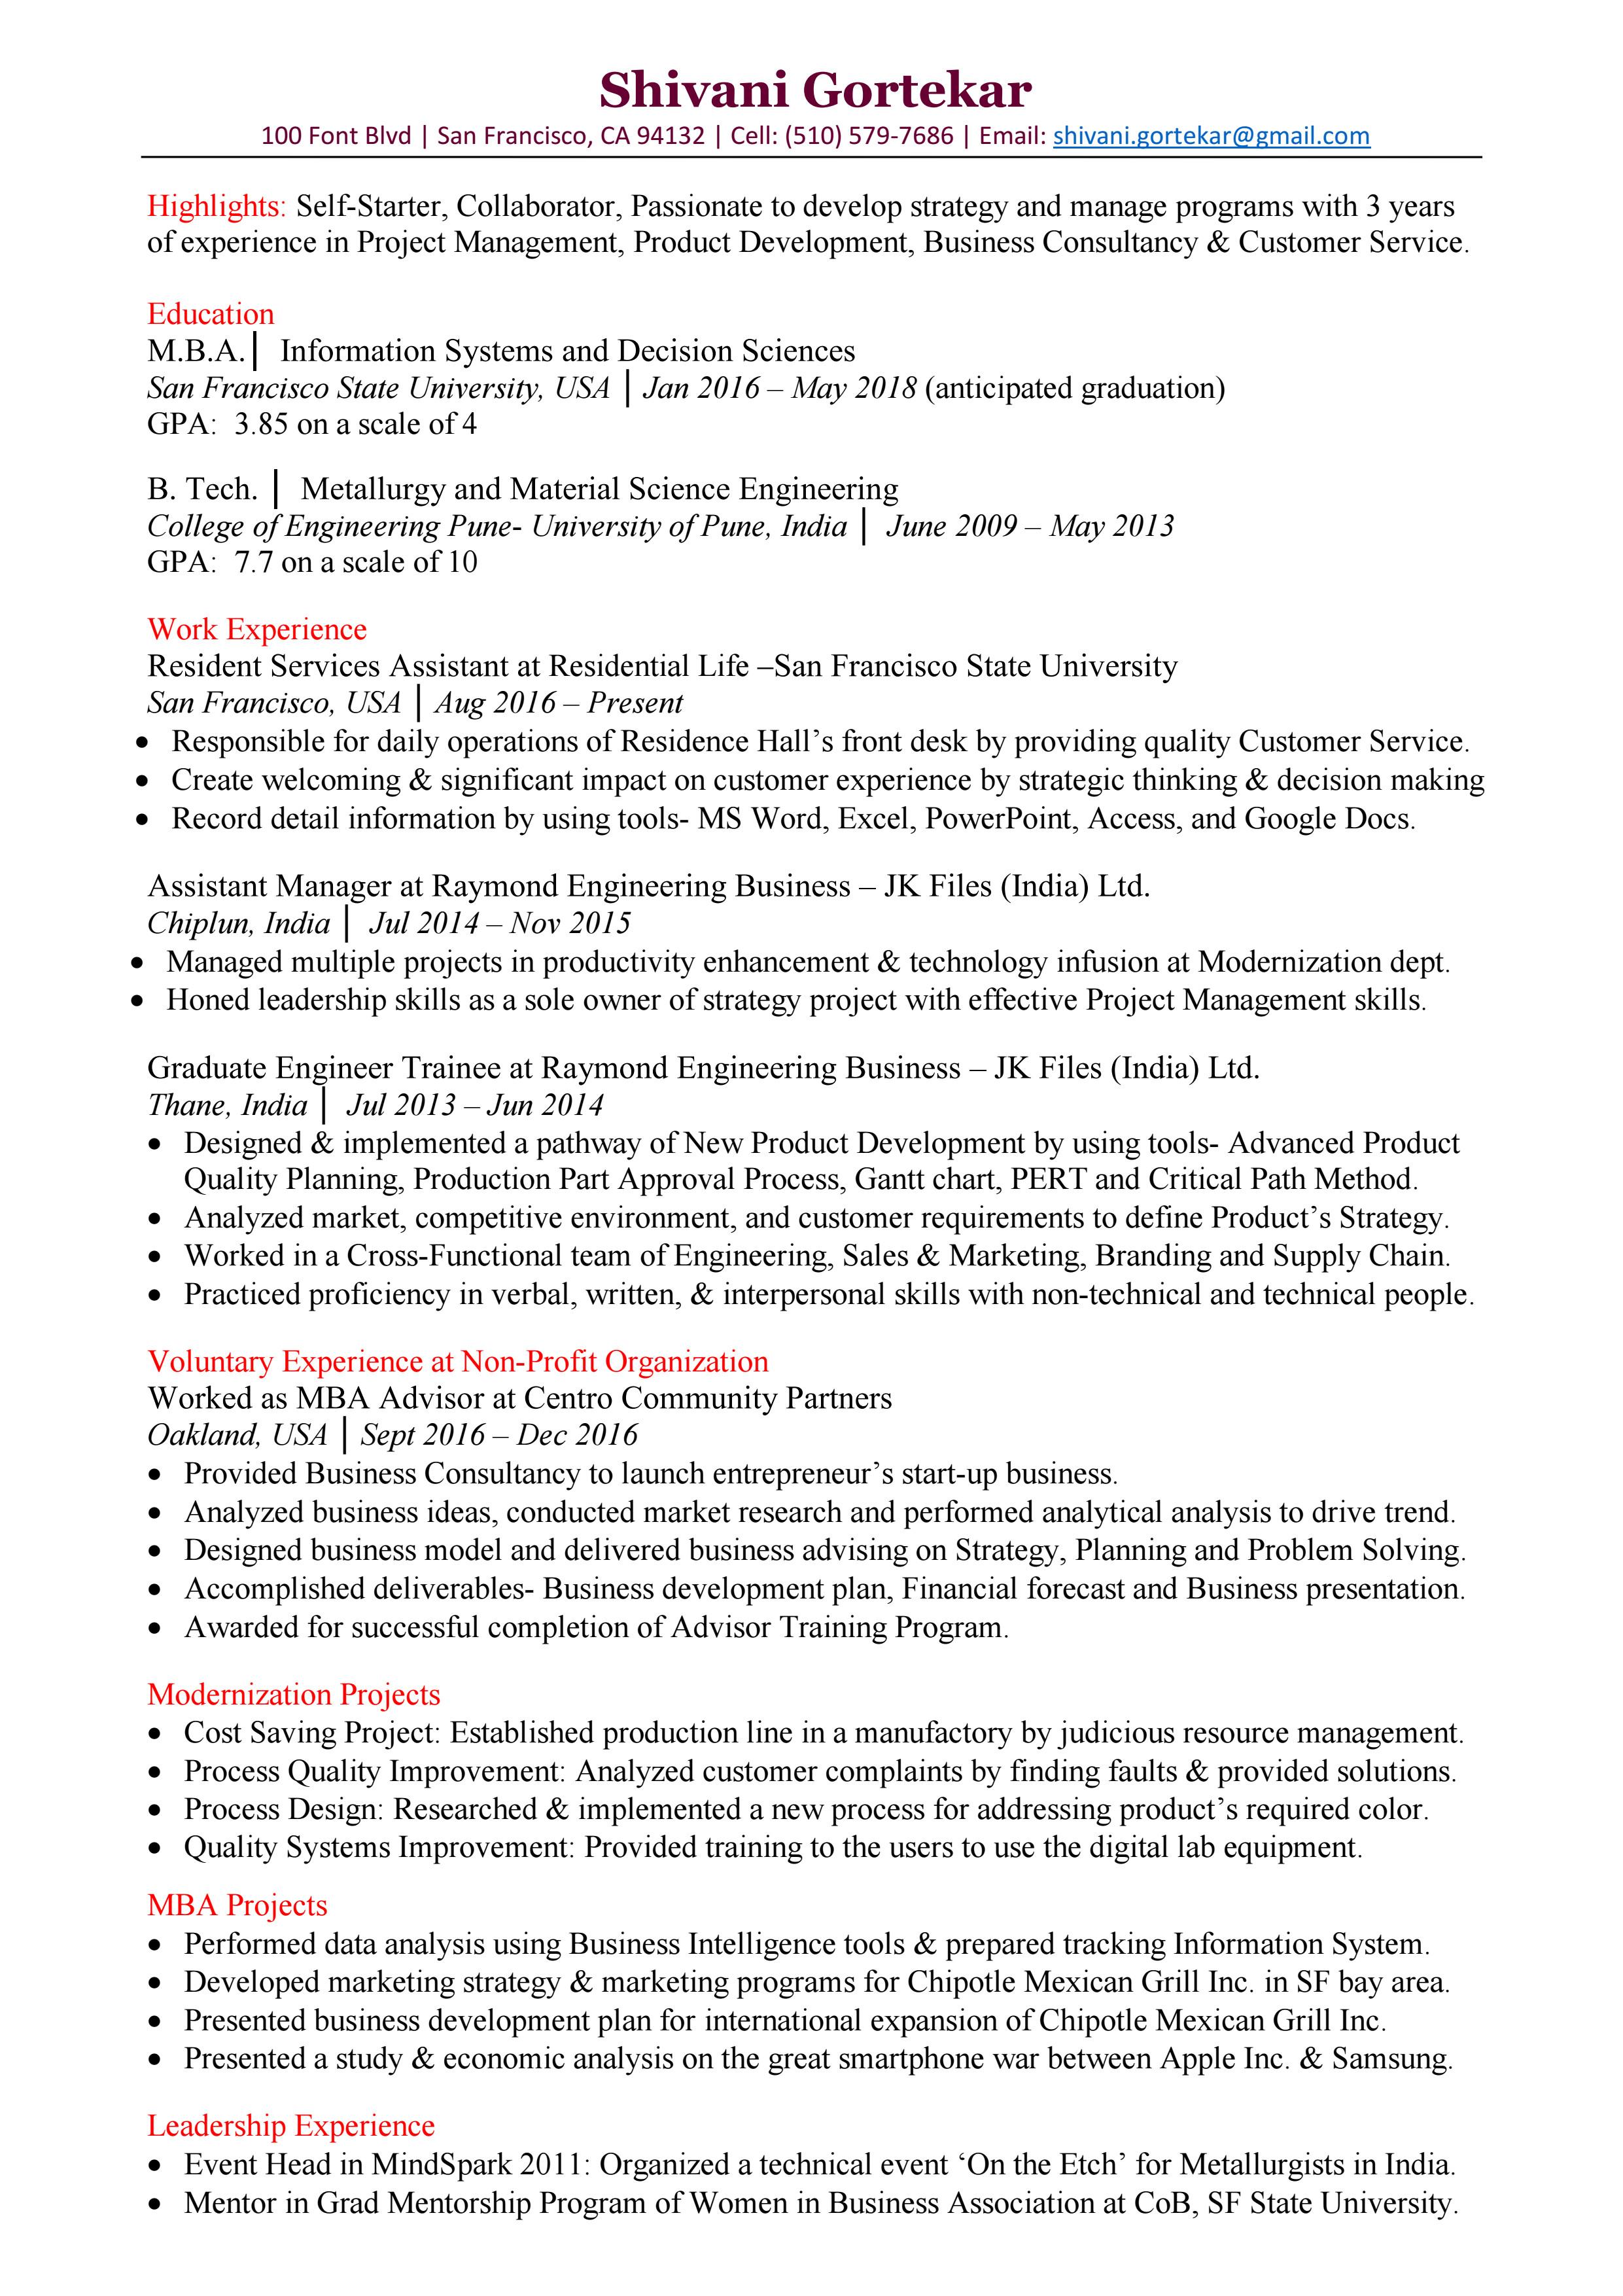 Resume - Shivani Gortekar.pdf | HireClub